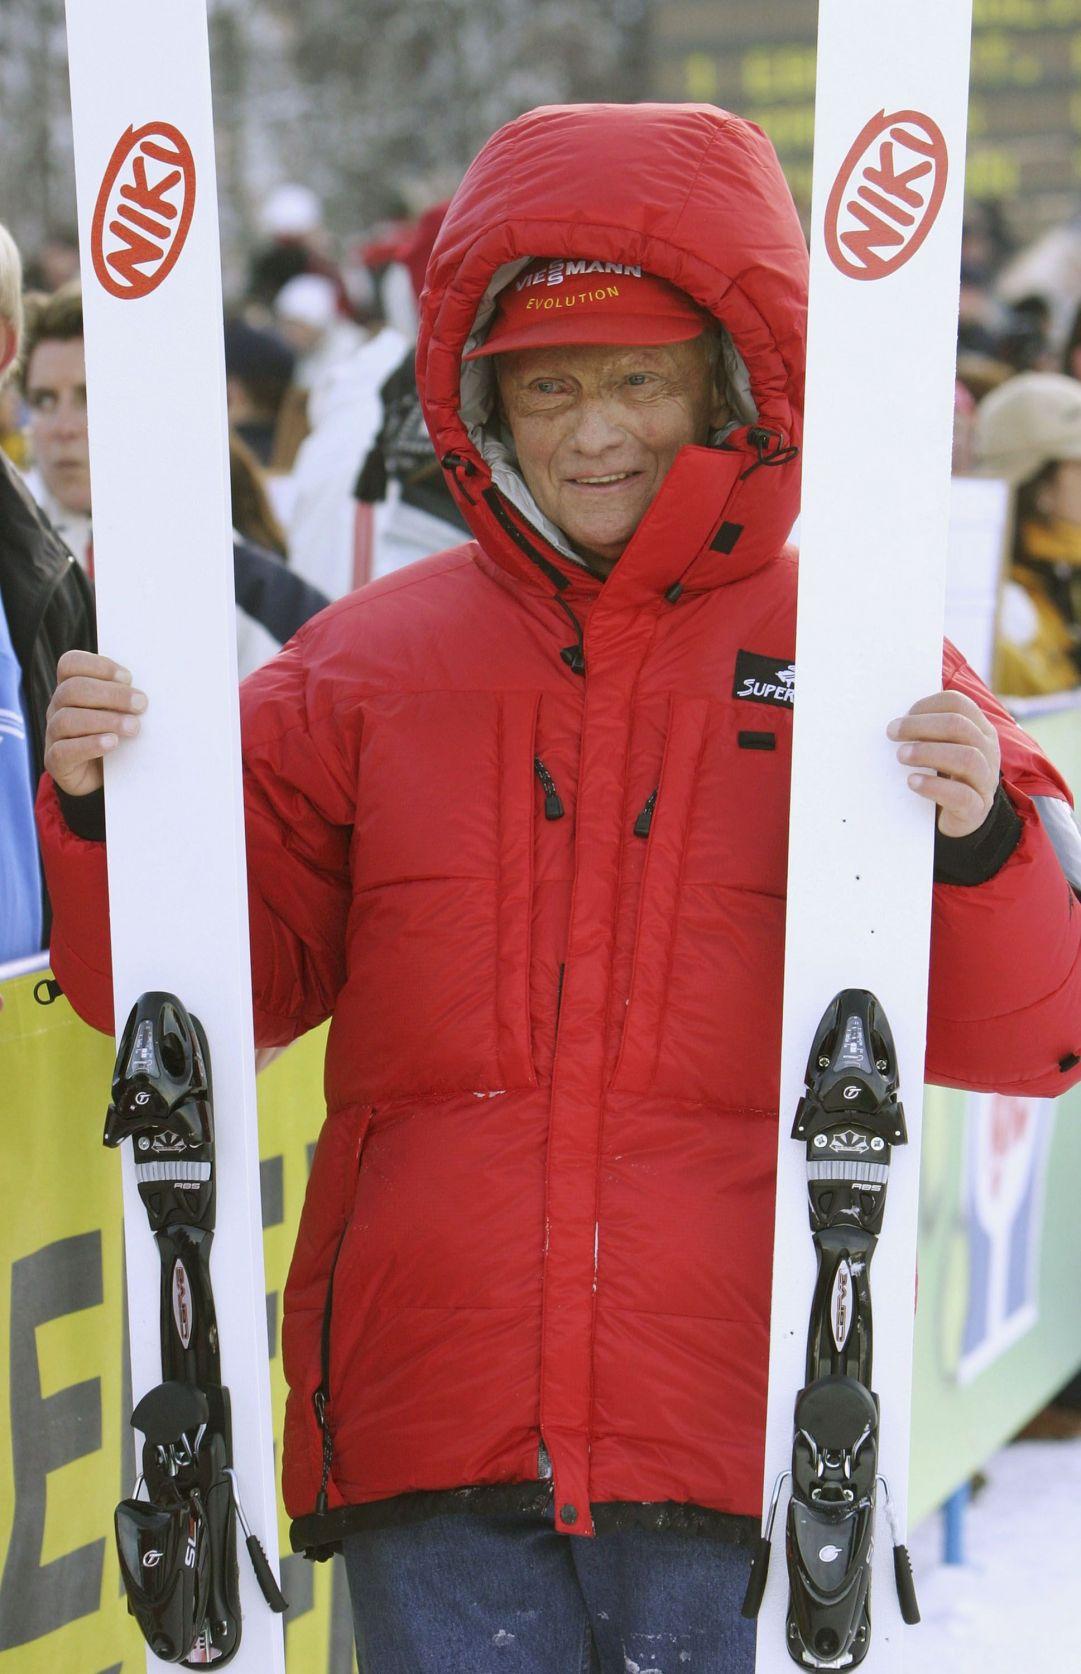 La scomparsa del tre volte campione del mondo di Formula 1 ha commosso l'Austria intera e il mondo dello sport. Il campionissimo che vinse due titoli iridati con la Ferrari, amava parecchio anche lo sci e, nell'appuntamento più atteso dell'anno, non mancava proprio mai.